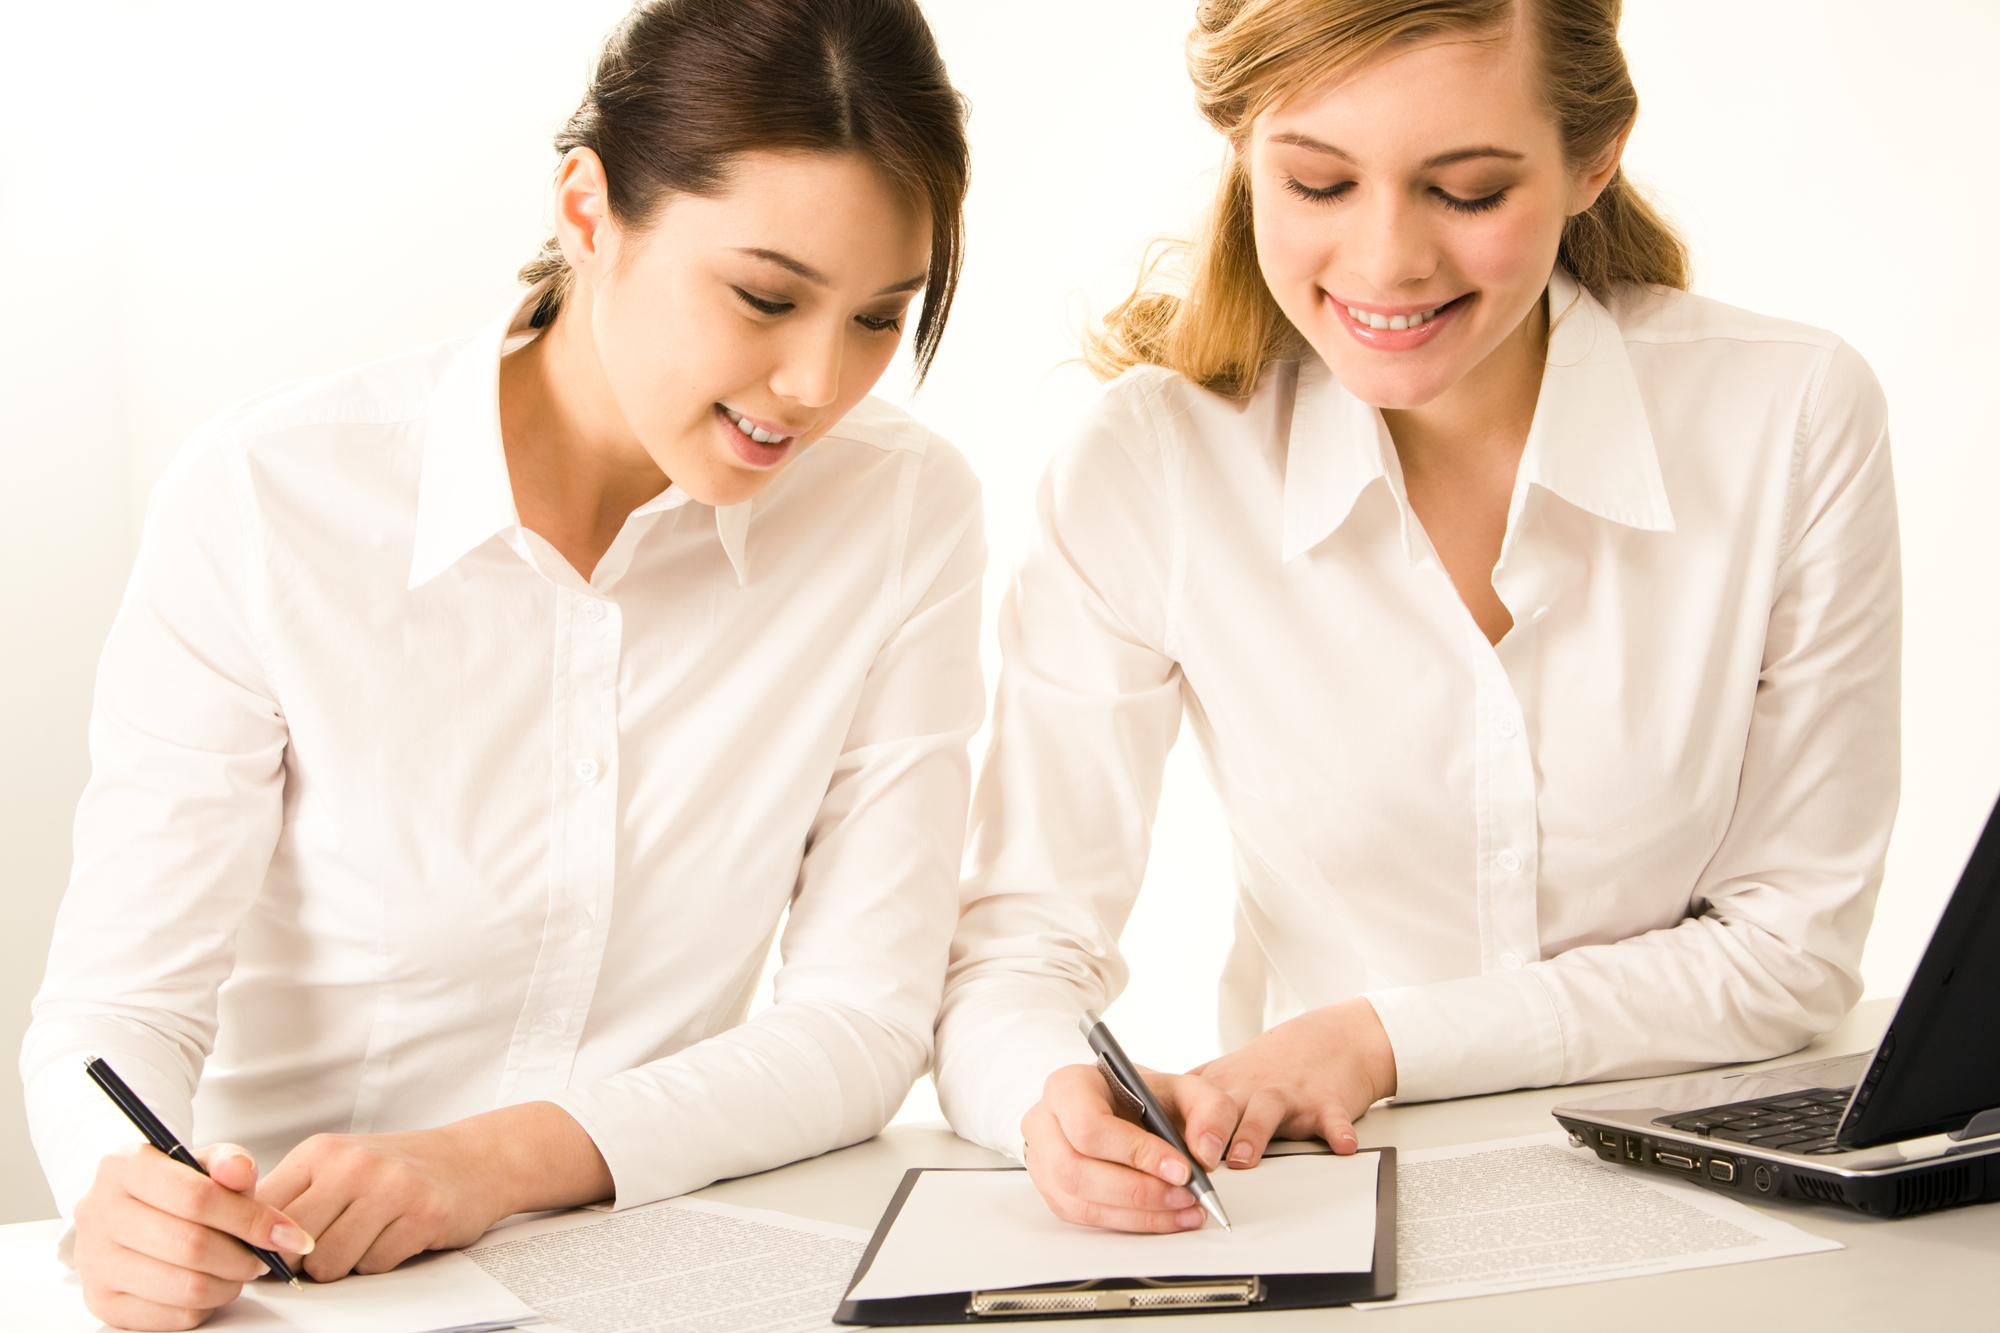 英語試験対策講師募集 (TOEFL, IELTS, SAT, SSAT, ACT, TOEIC, 英検など)